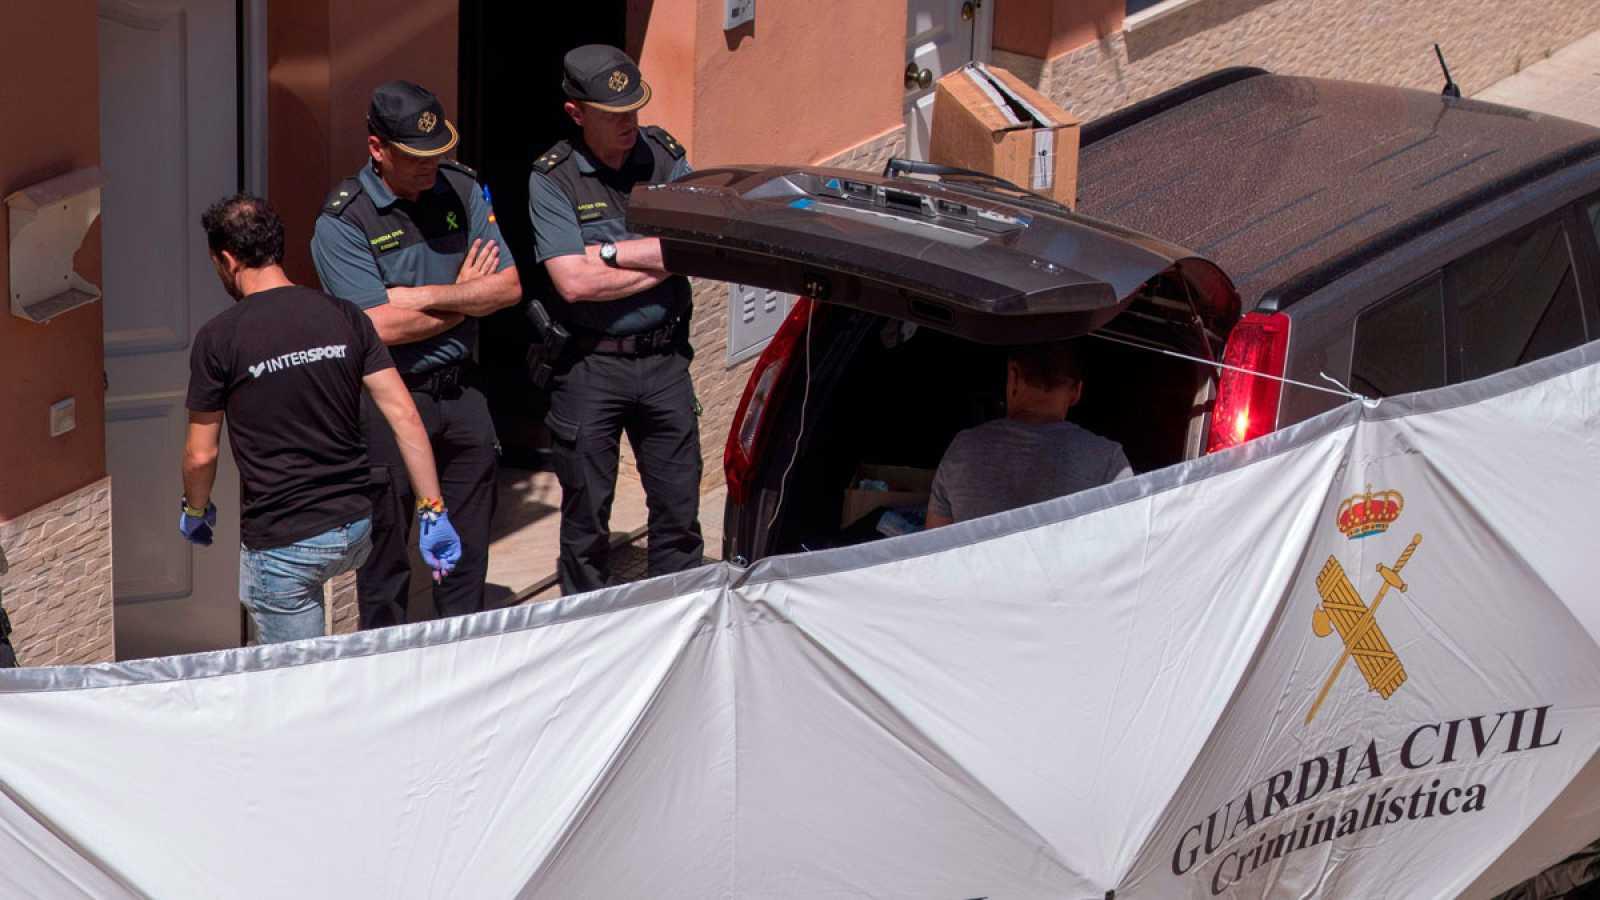 Agentes de la Guardia Civil en la vivienda donde un hombre ha matado supuestamente a su pareja, una joven de 24 años, y se ha dado a la fuga